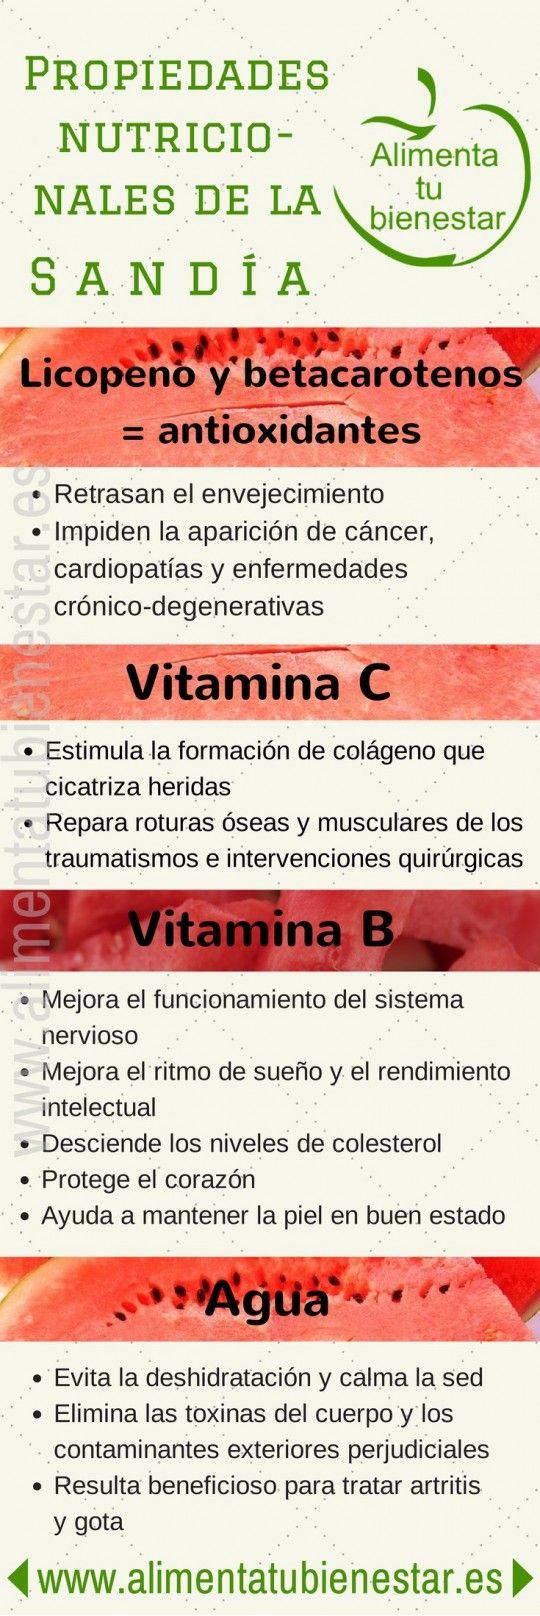 Propiedades nutricionales de la sandía Infografía